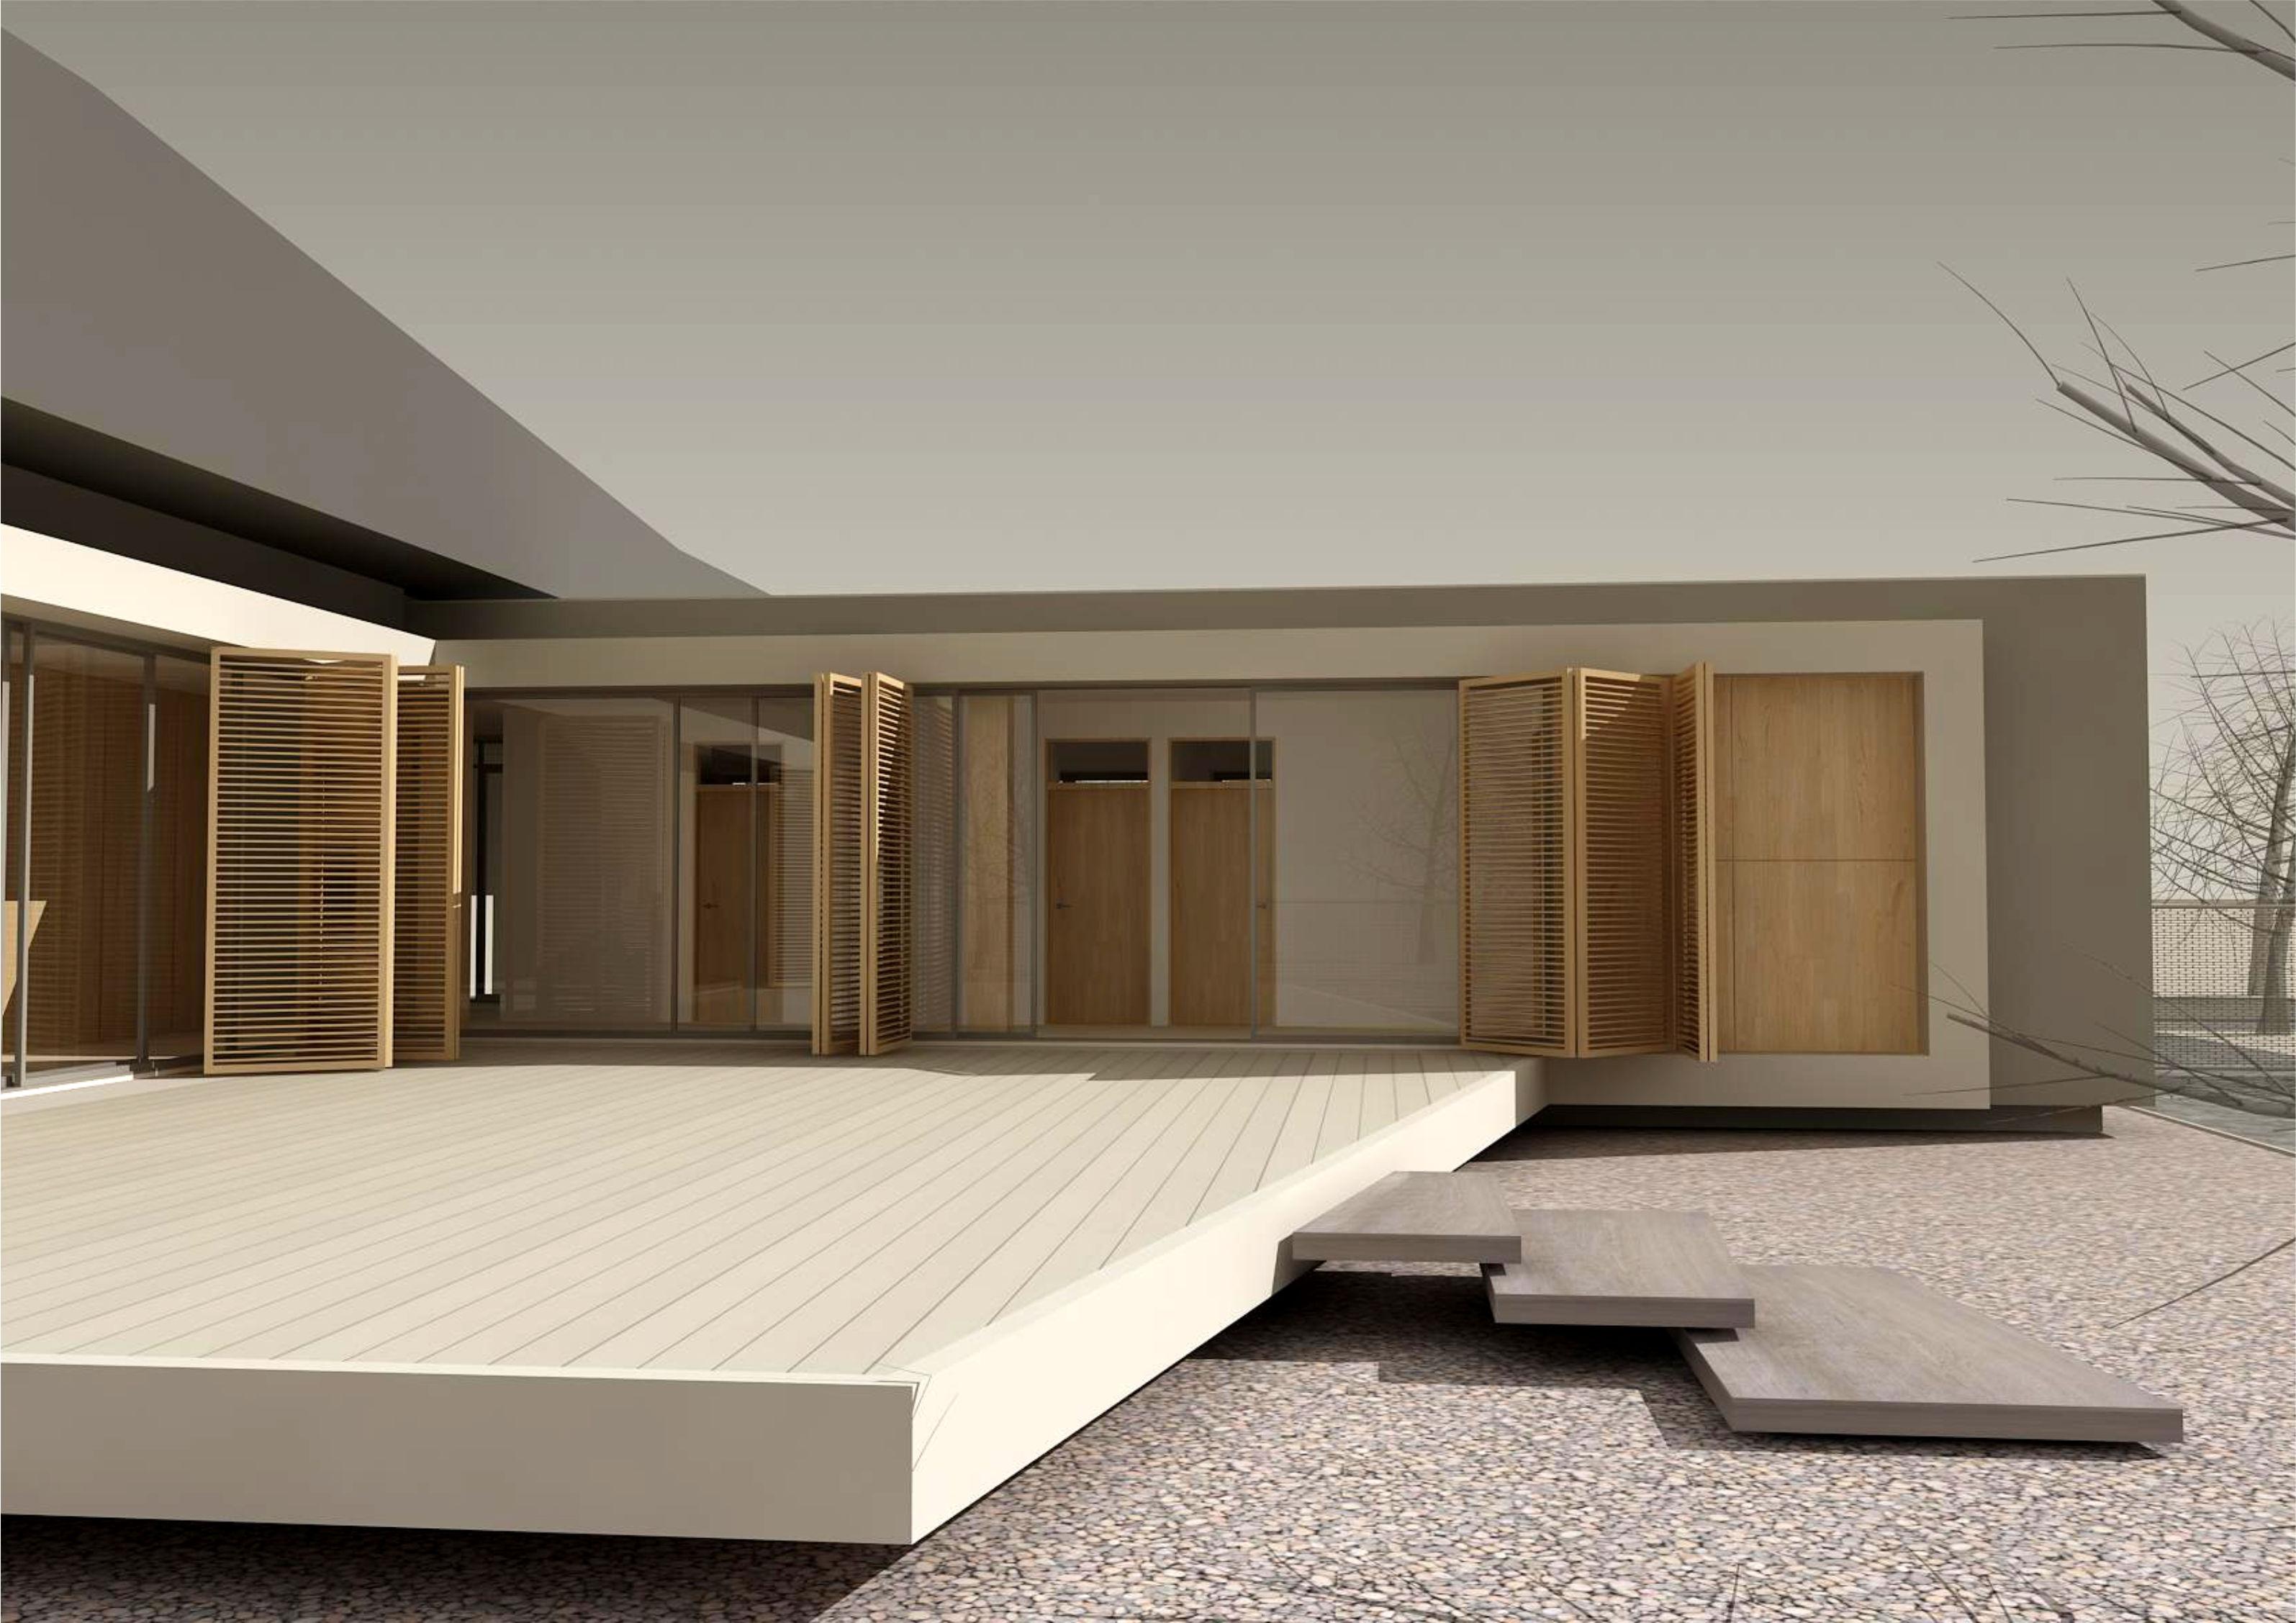 Projekt stavby rodinného domu VII 05